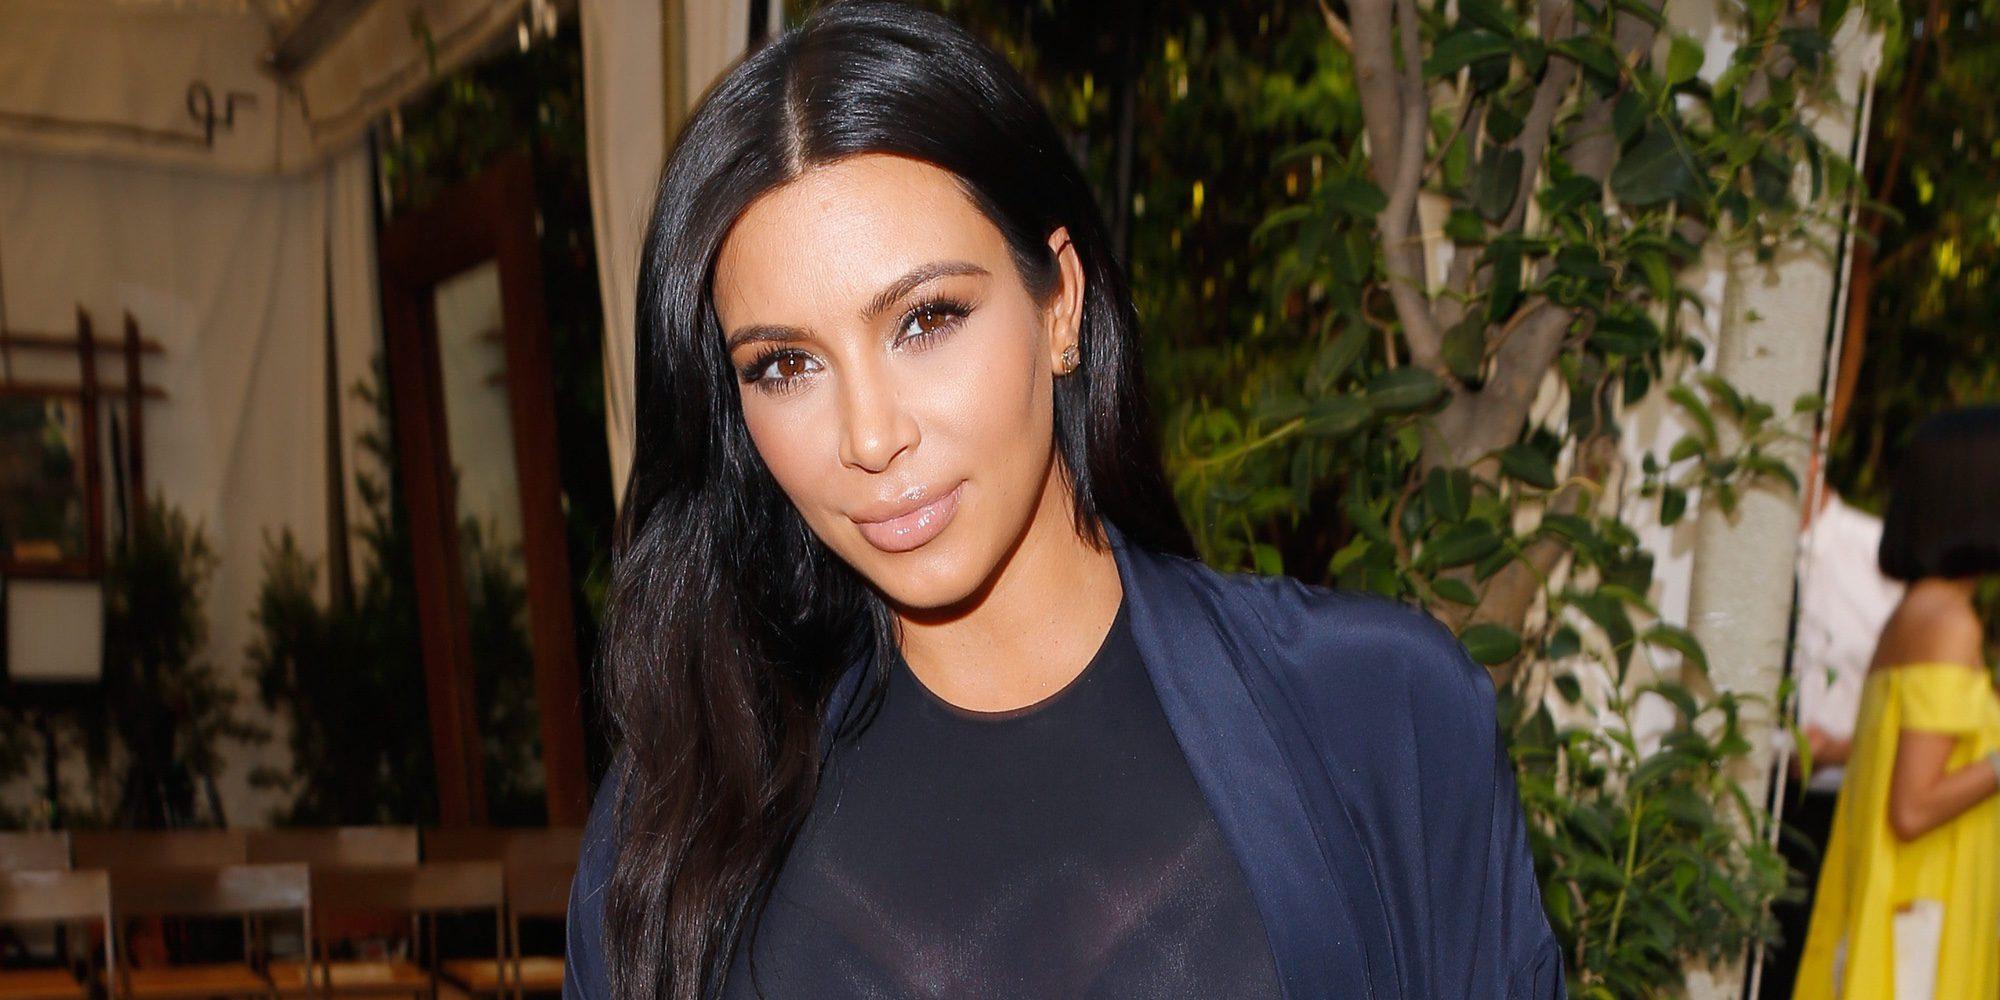 El estrés tras el atraco de París causa a Kim Kardashian psoriasis en la cara